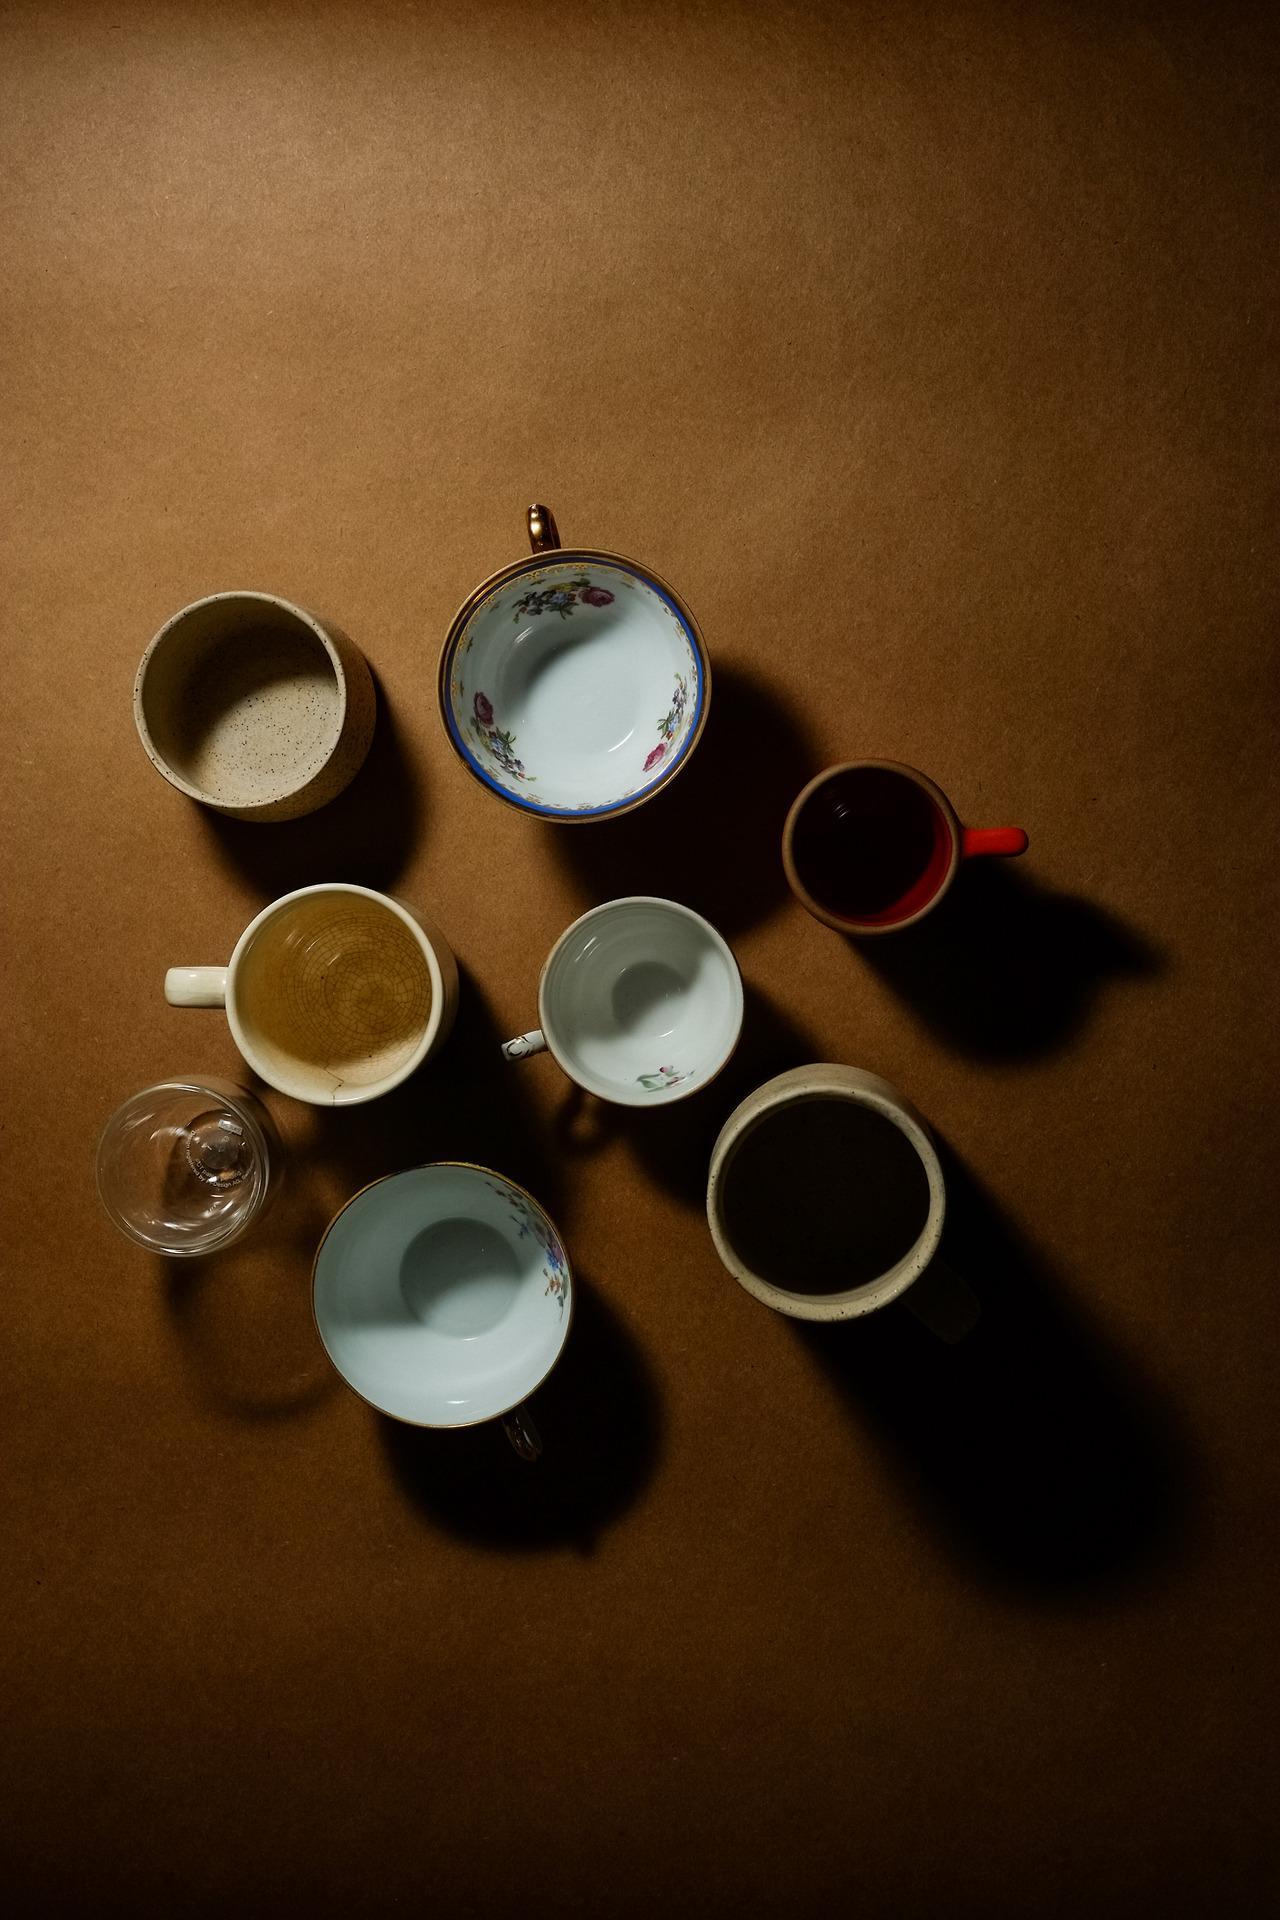 Mugs, Flowers & Orange Cake - image 2 - student project